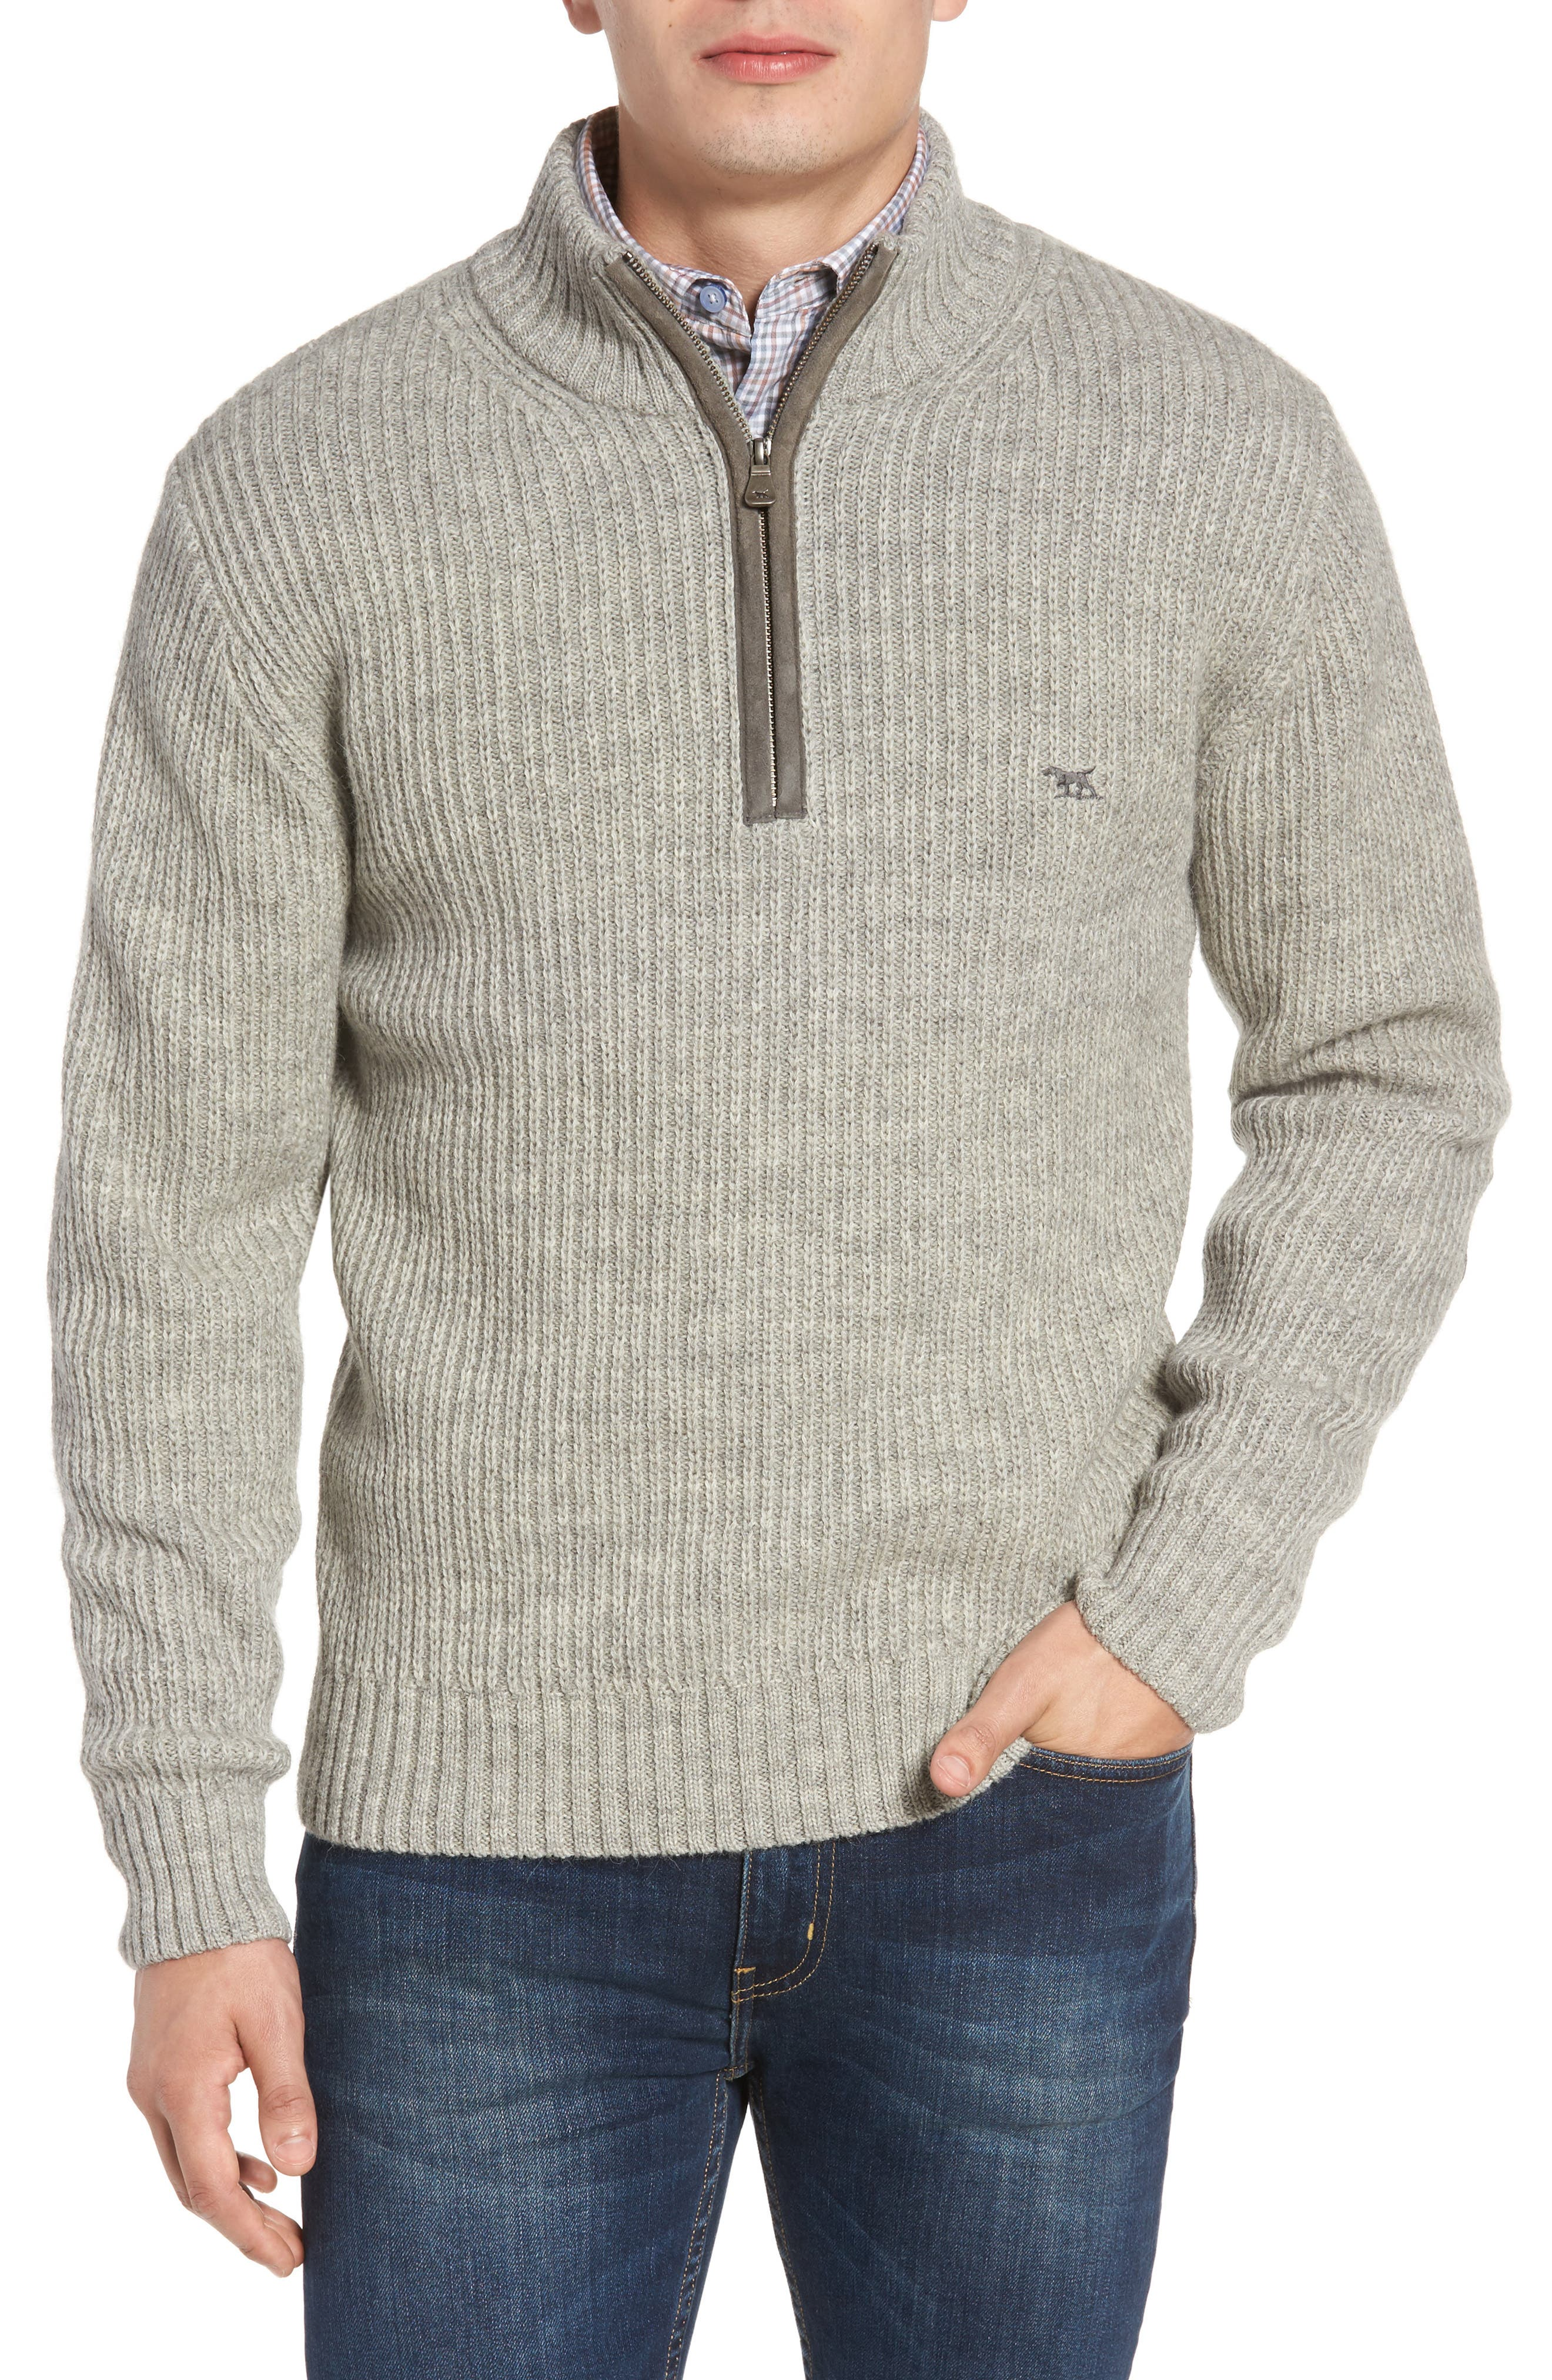 Main Image - Rodd & Gunn 'Huka Lodge' Merino Wool Blend Quarter Zip Sweater